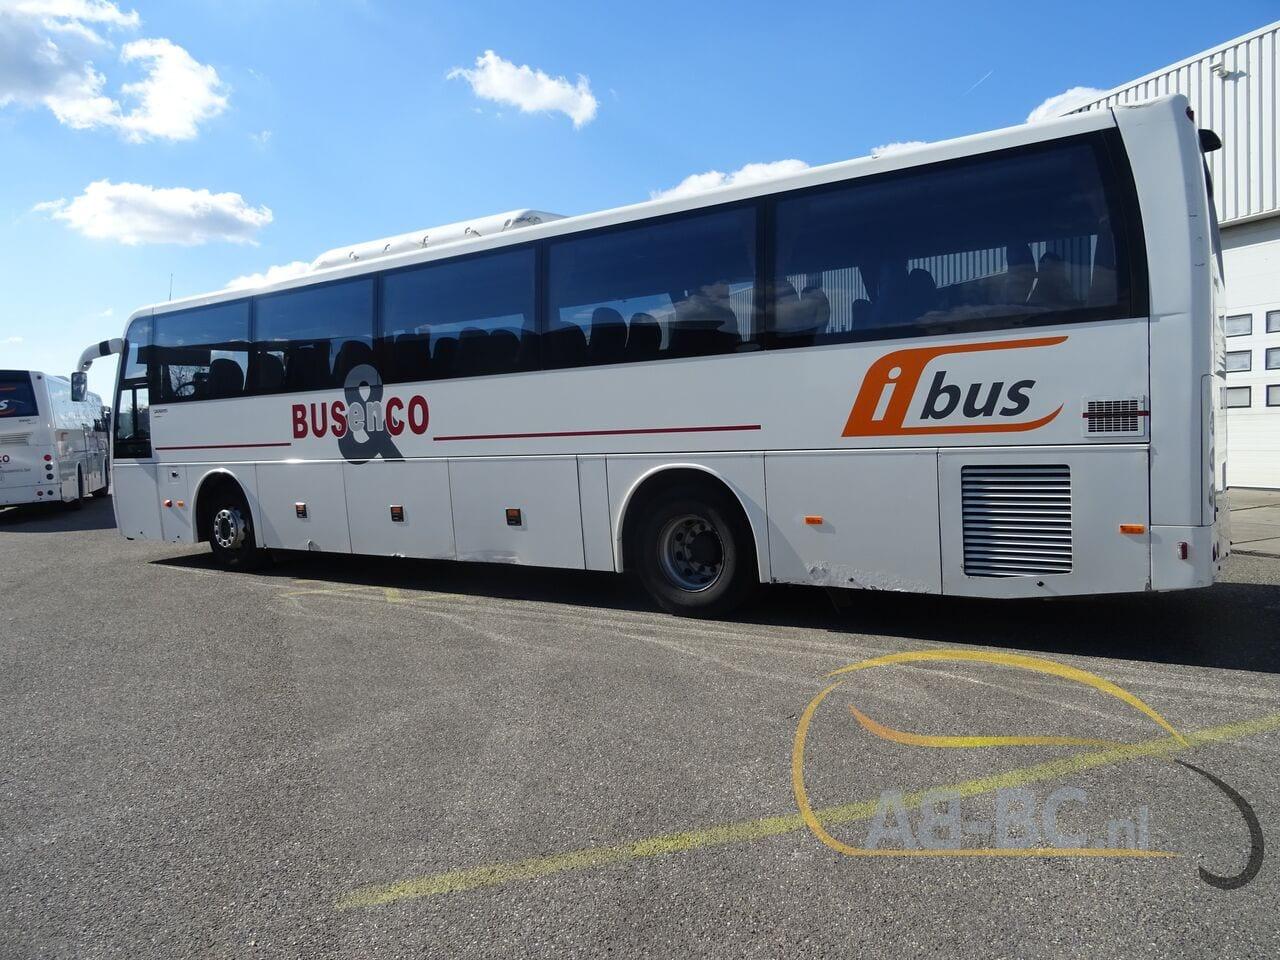 coach-busTEMSA-Safari-RD-53-Seats-DAF-Motor-12-mtr---1616166630547879829_big_c76ea9d01535c00ff260d6a5d080ab26--21031917053743807500